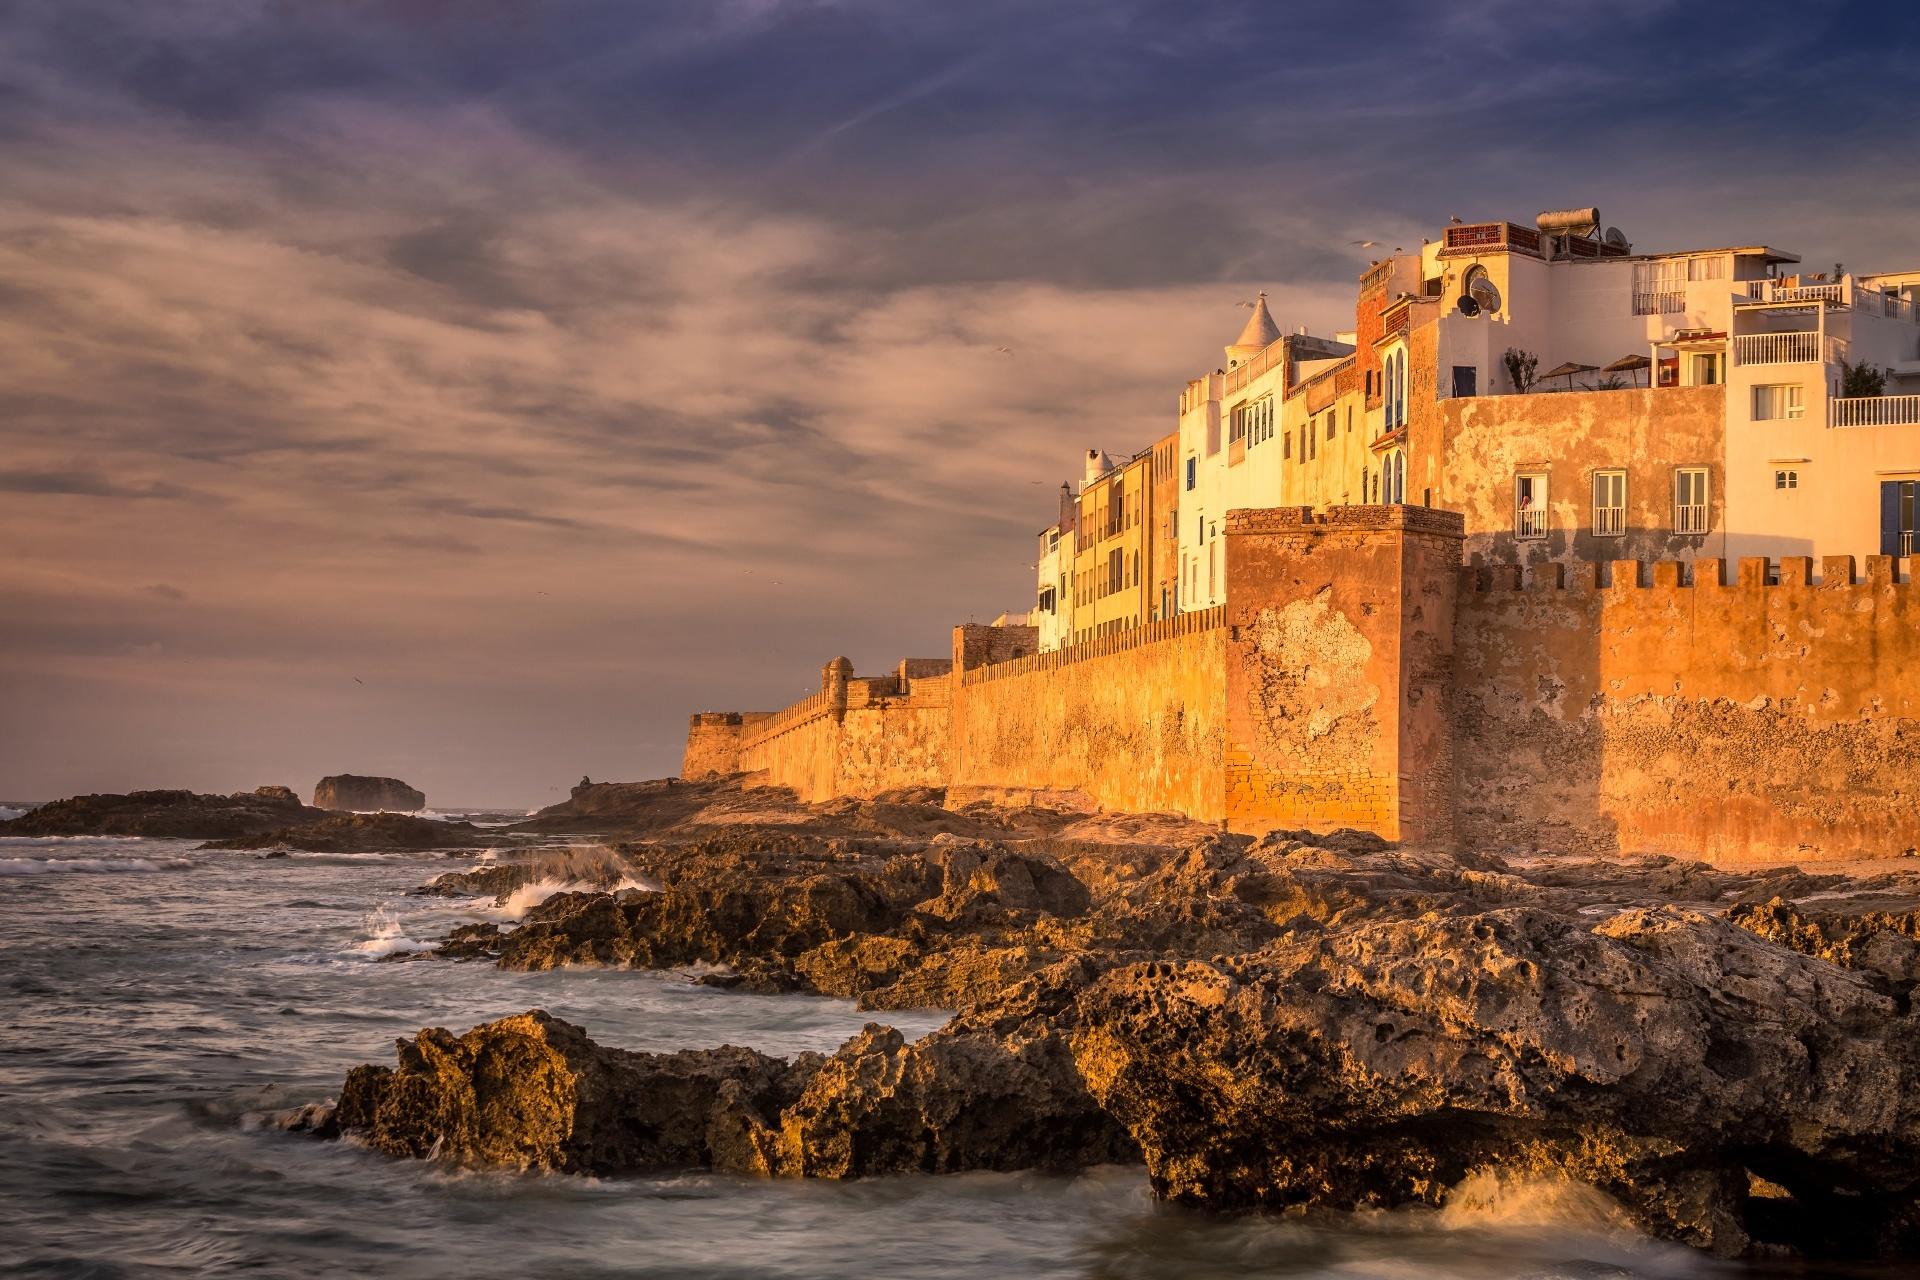 エッサウィラ旧市街の壁と夕暮れの風景 モロッコの風景